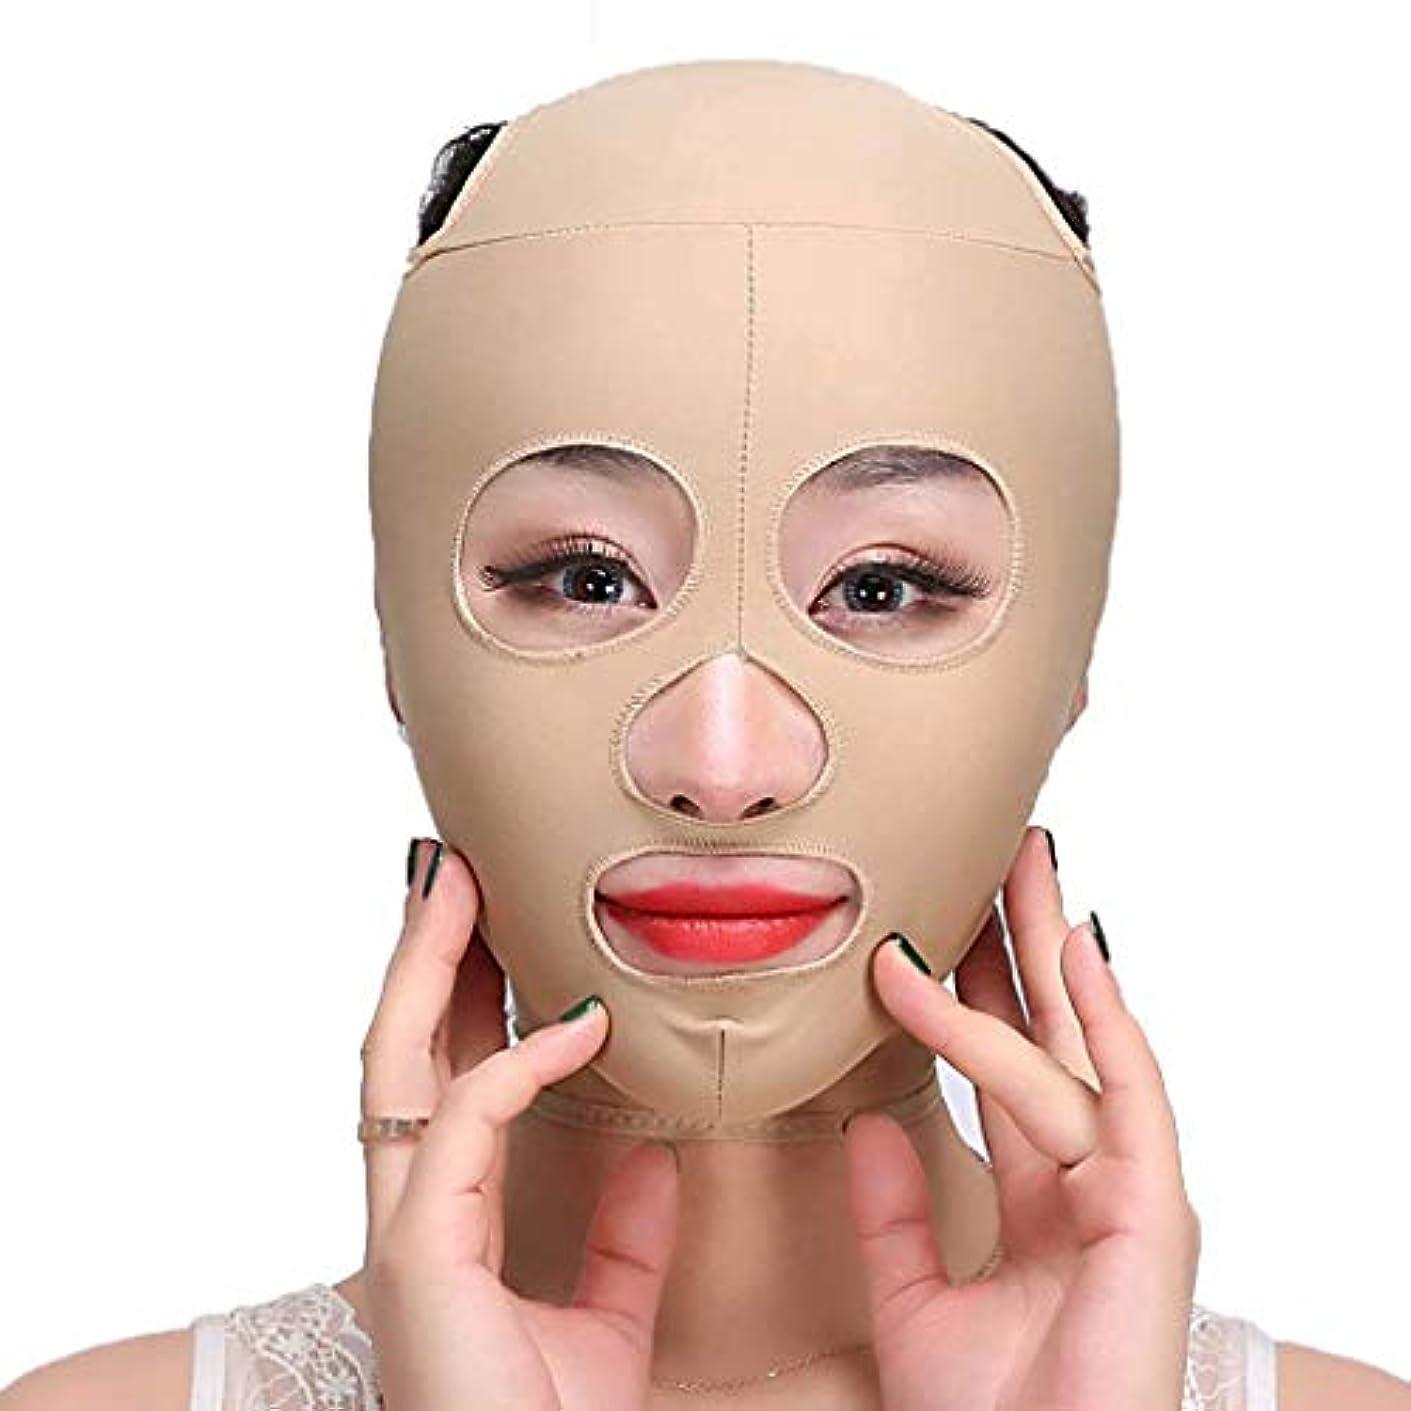 常に拍手する特別にスリミングベルト、フェイスマスクシンフェイスインストゥルメントリフティングファーミングVフェイス男性と女性フェイスリフティングステッカーダブルチンフェイスリフティングフェイスマスク包帯フェイシャルマッサージ(サイズ:M),S